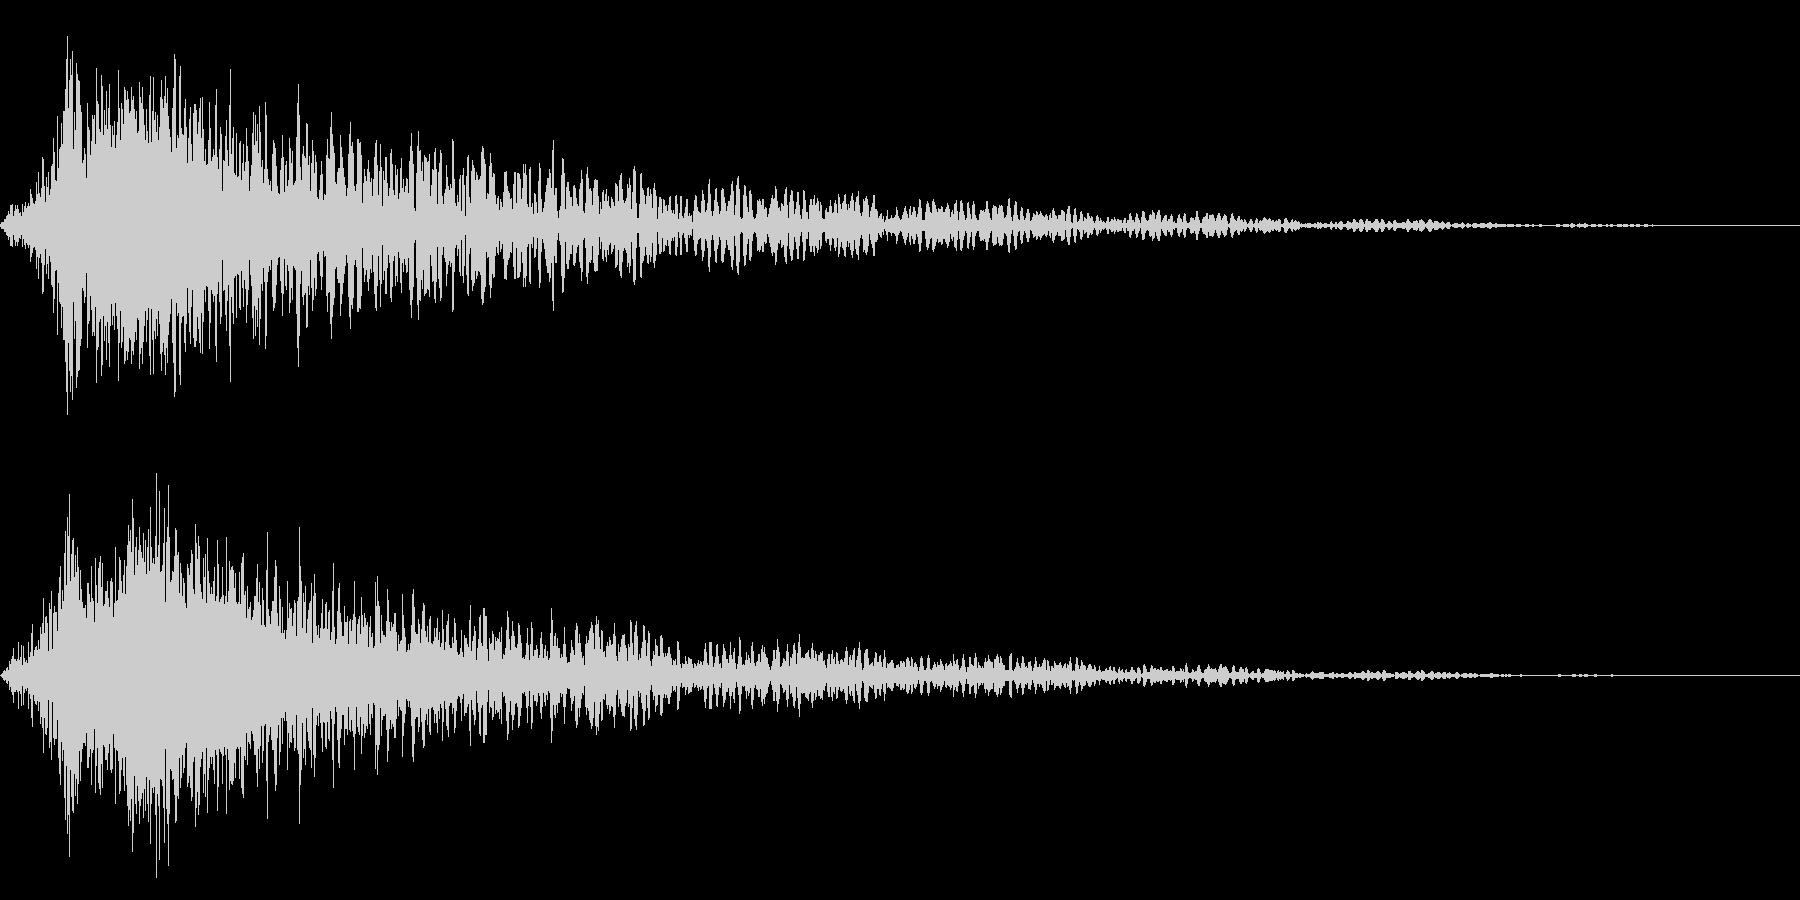 ホラー系アタック音75の未再生の波形